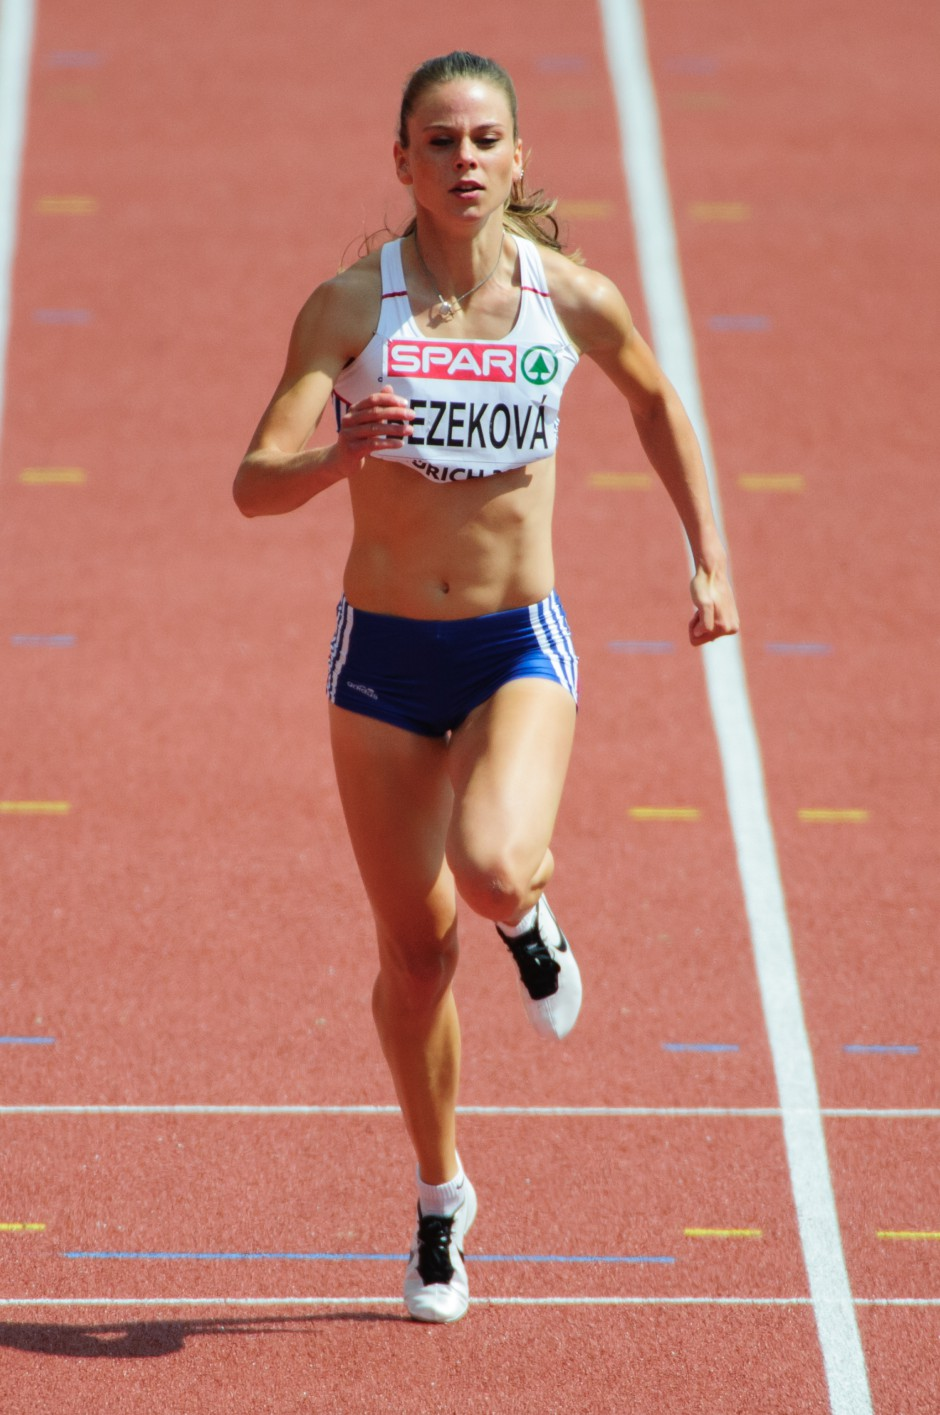 Alexandra Bezeková, beh na 100m žien počas Majstrovstiev Európy v atletike 2014, Utorok 12.Augusta 2014, Zurich, Švajčiarsko